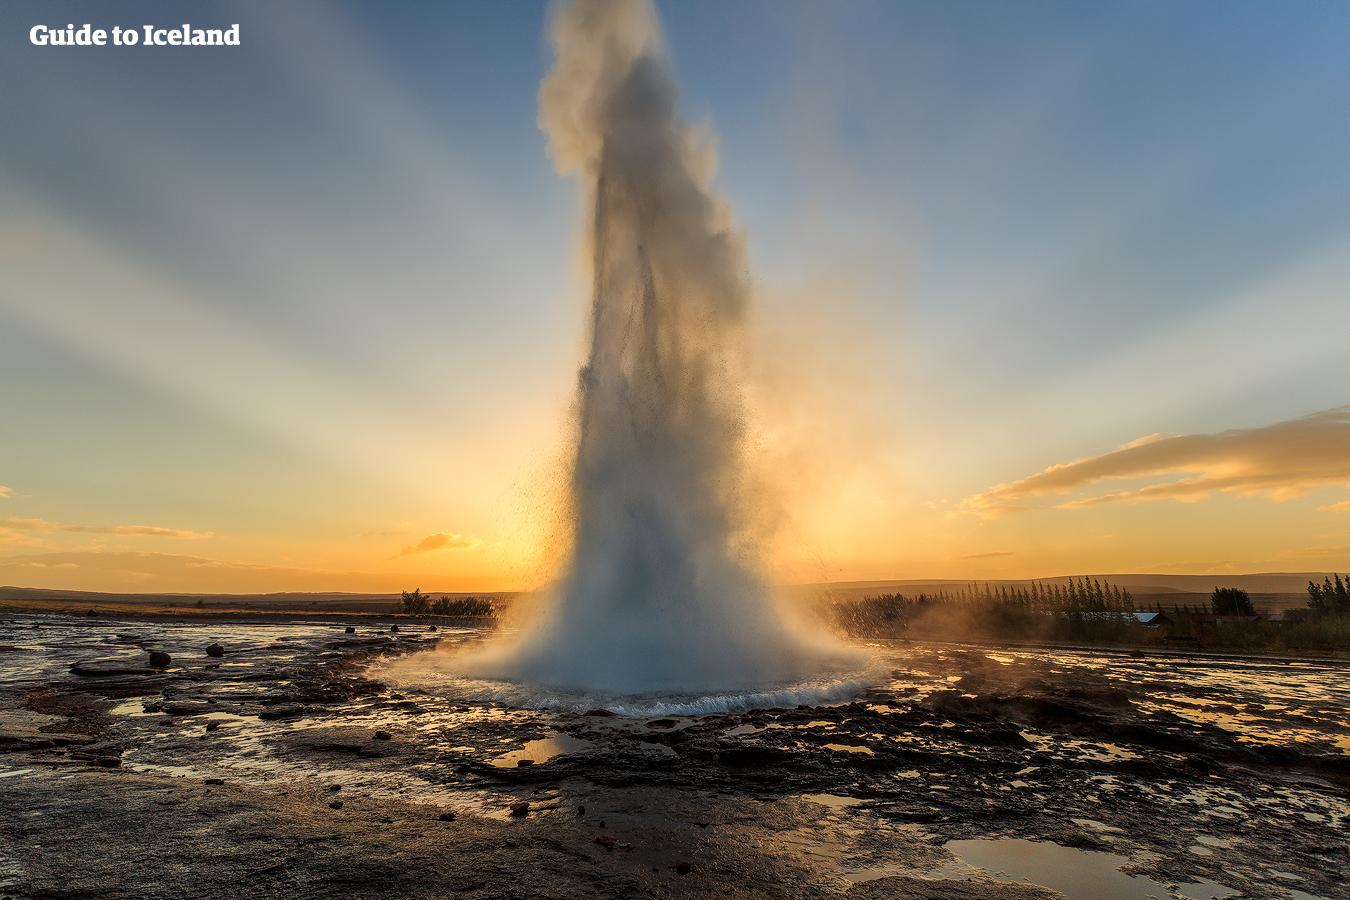 พระอาทิตย์เที่ยงคืนส่องสว่างไสวทั้งคืนในประเทศไอซ์แลนด์ นั่นทำให้คุณสามารถเยี่ยมชมวงกลมทองคำช่วงเย็นได้ในทัวร์ขับรถด้วยตนเอง.